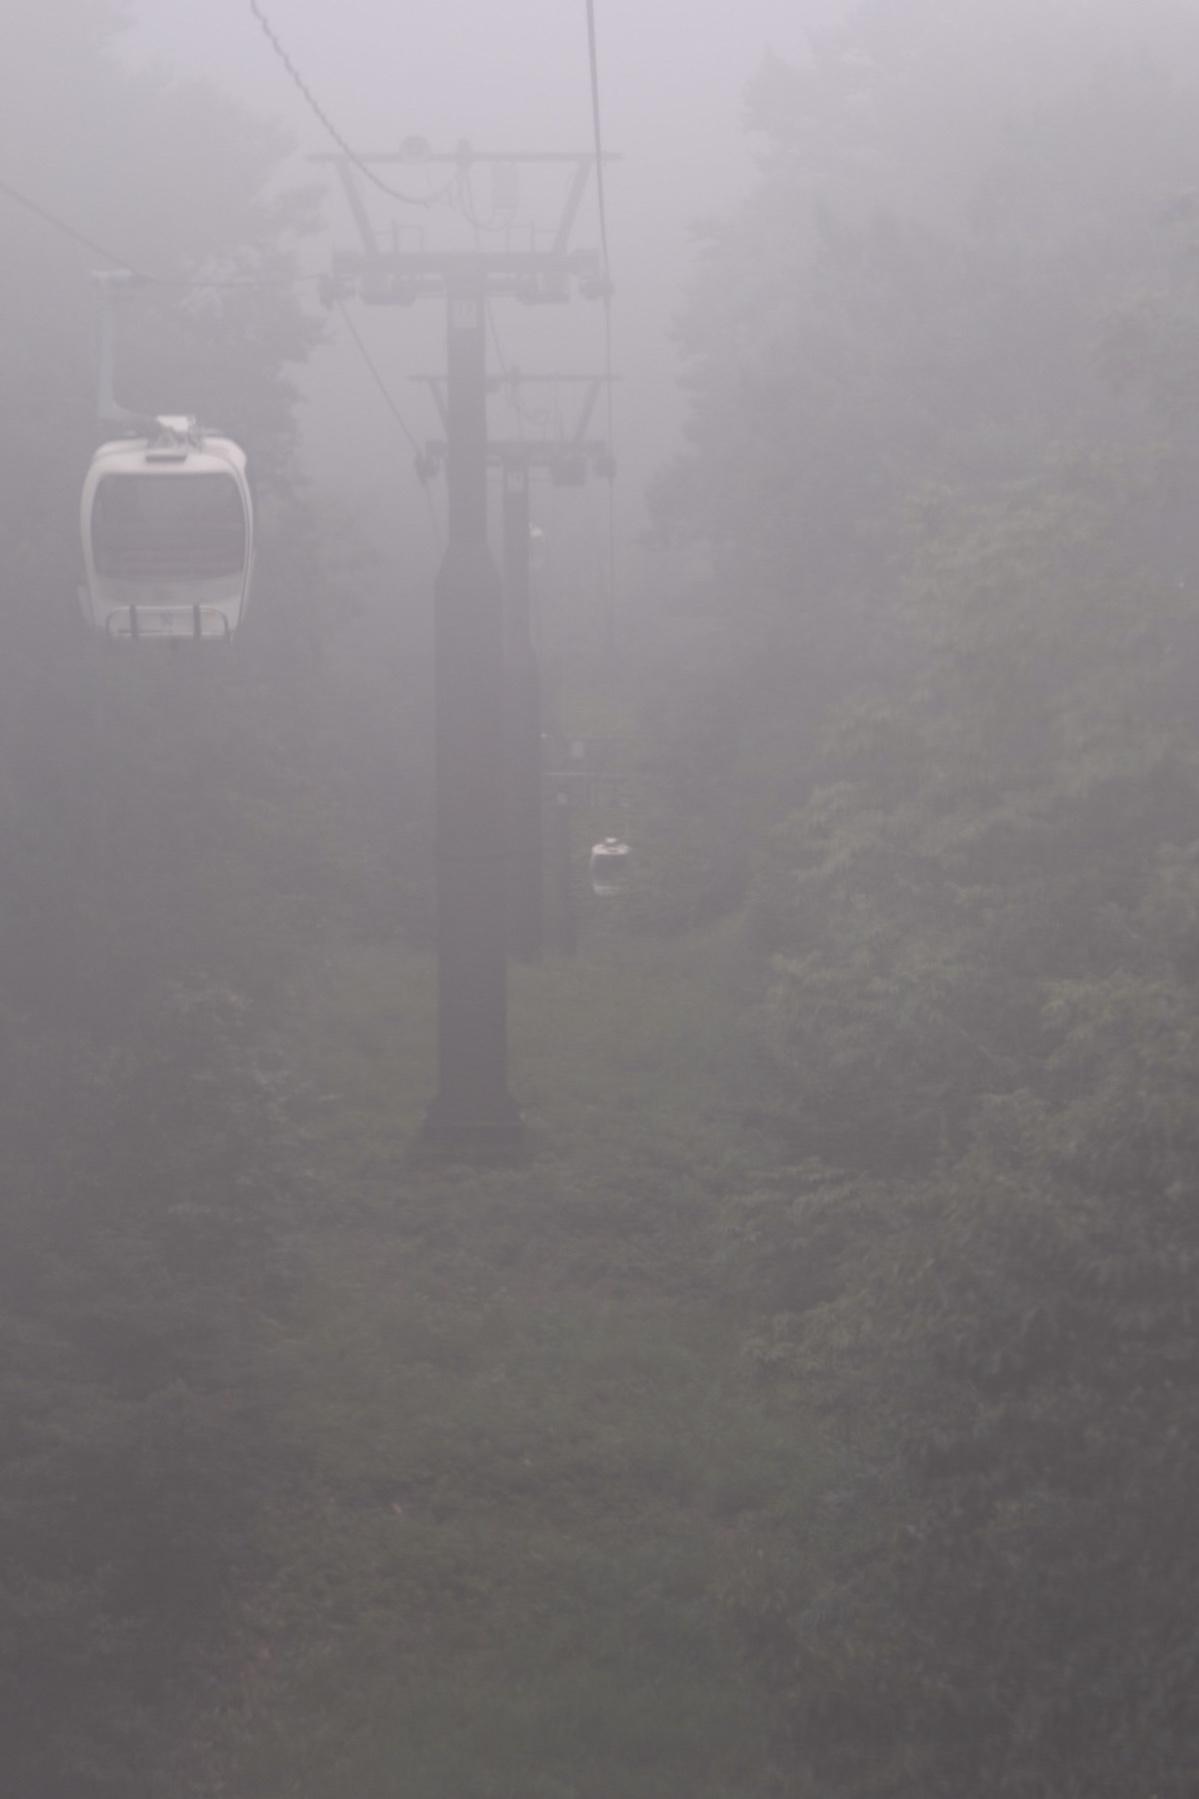 まゝに/8月の散策、群馬、長野、新潟から妙高高原へ_d0342426_19140569.jpeg